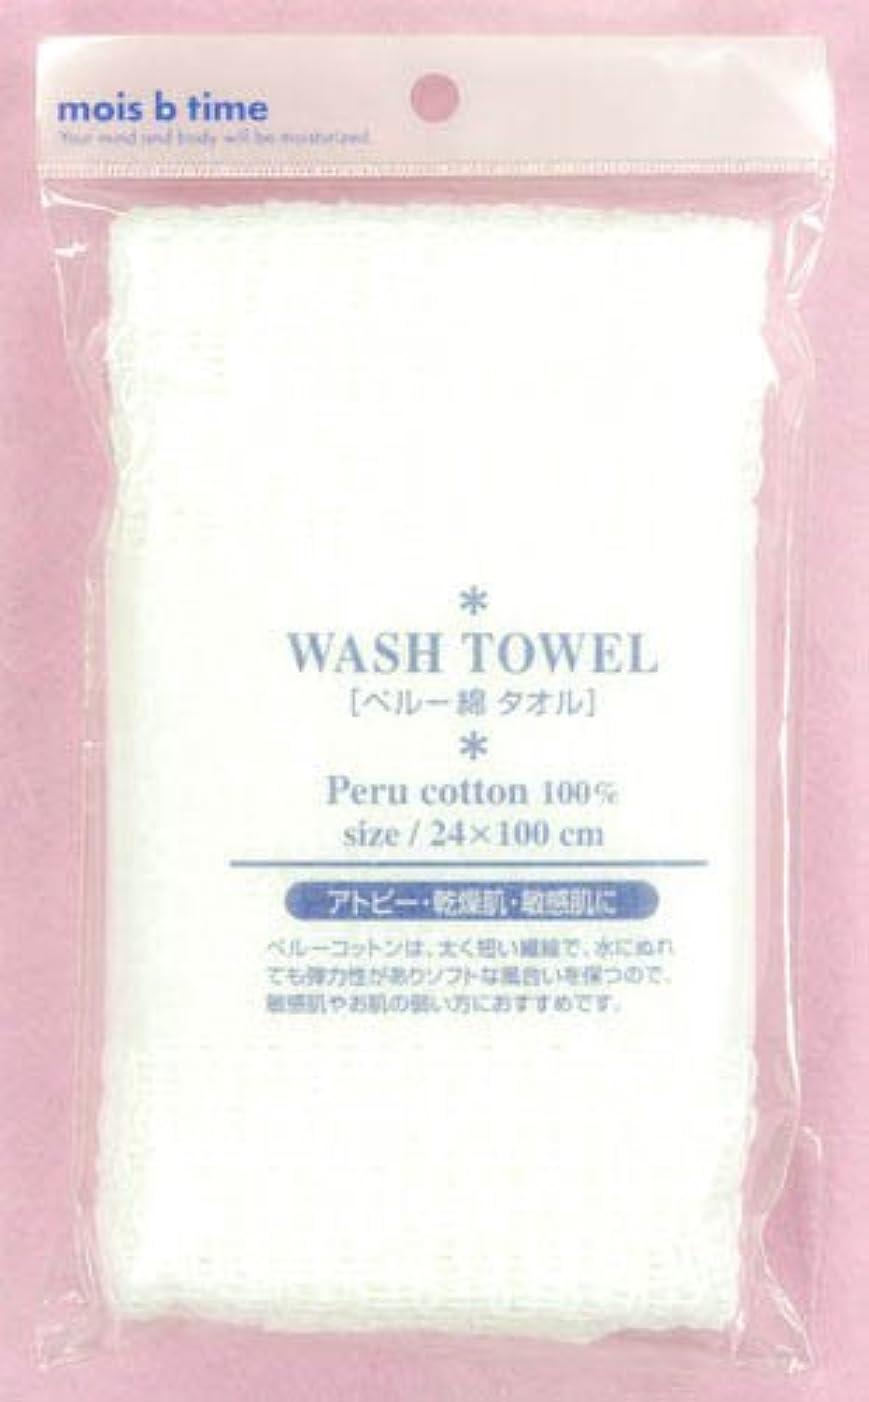 ビリーヤギプレビュー珍しいペルー綿タオル BT40366